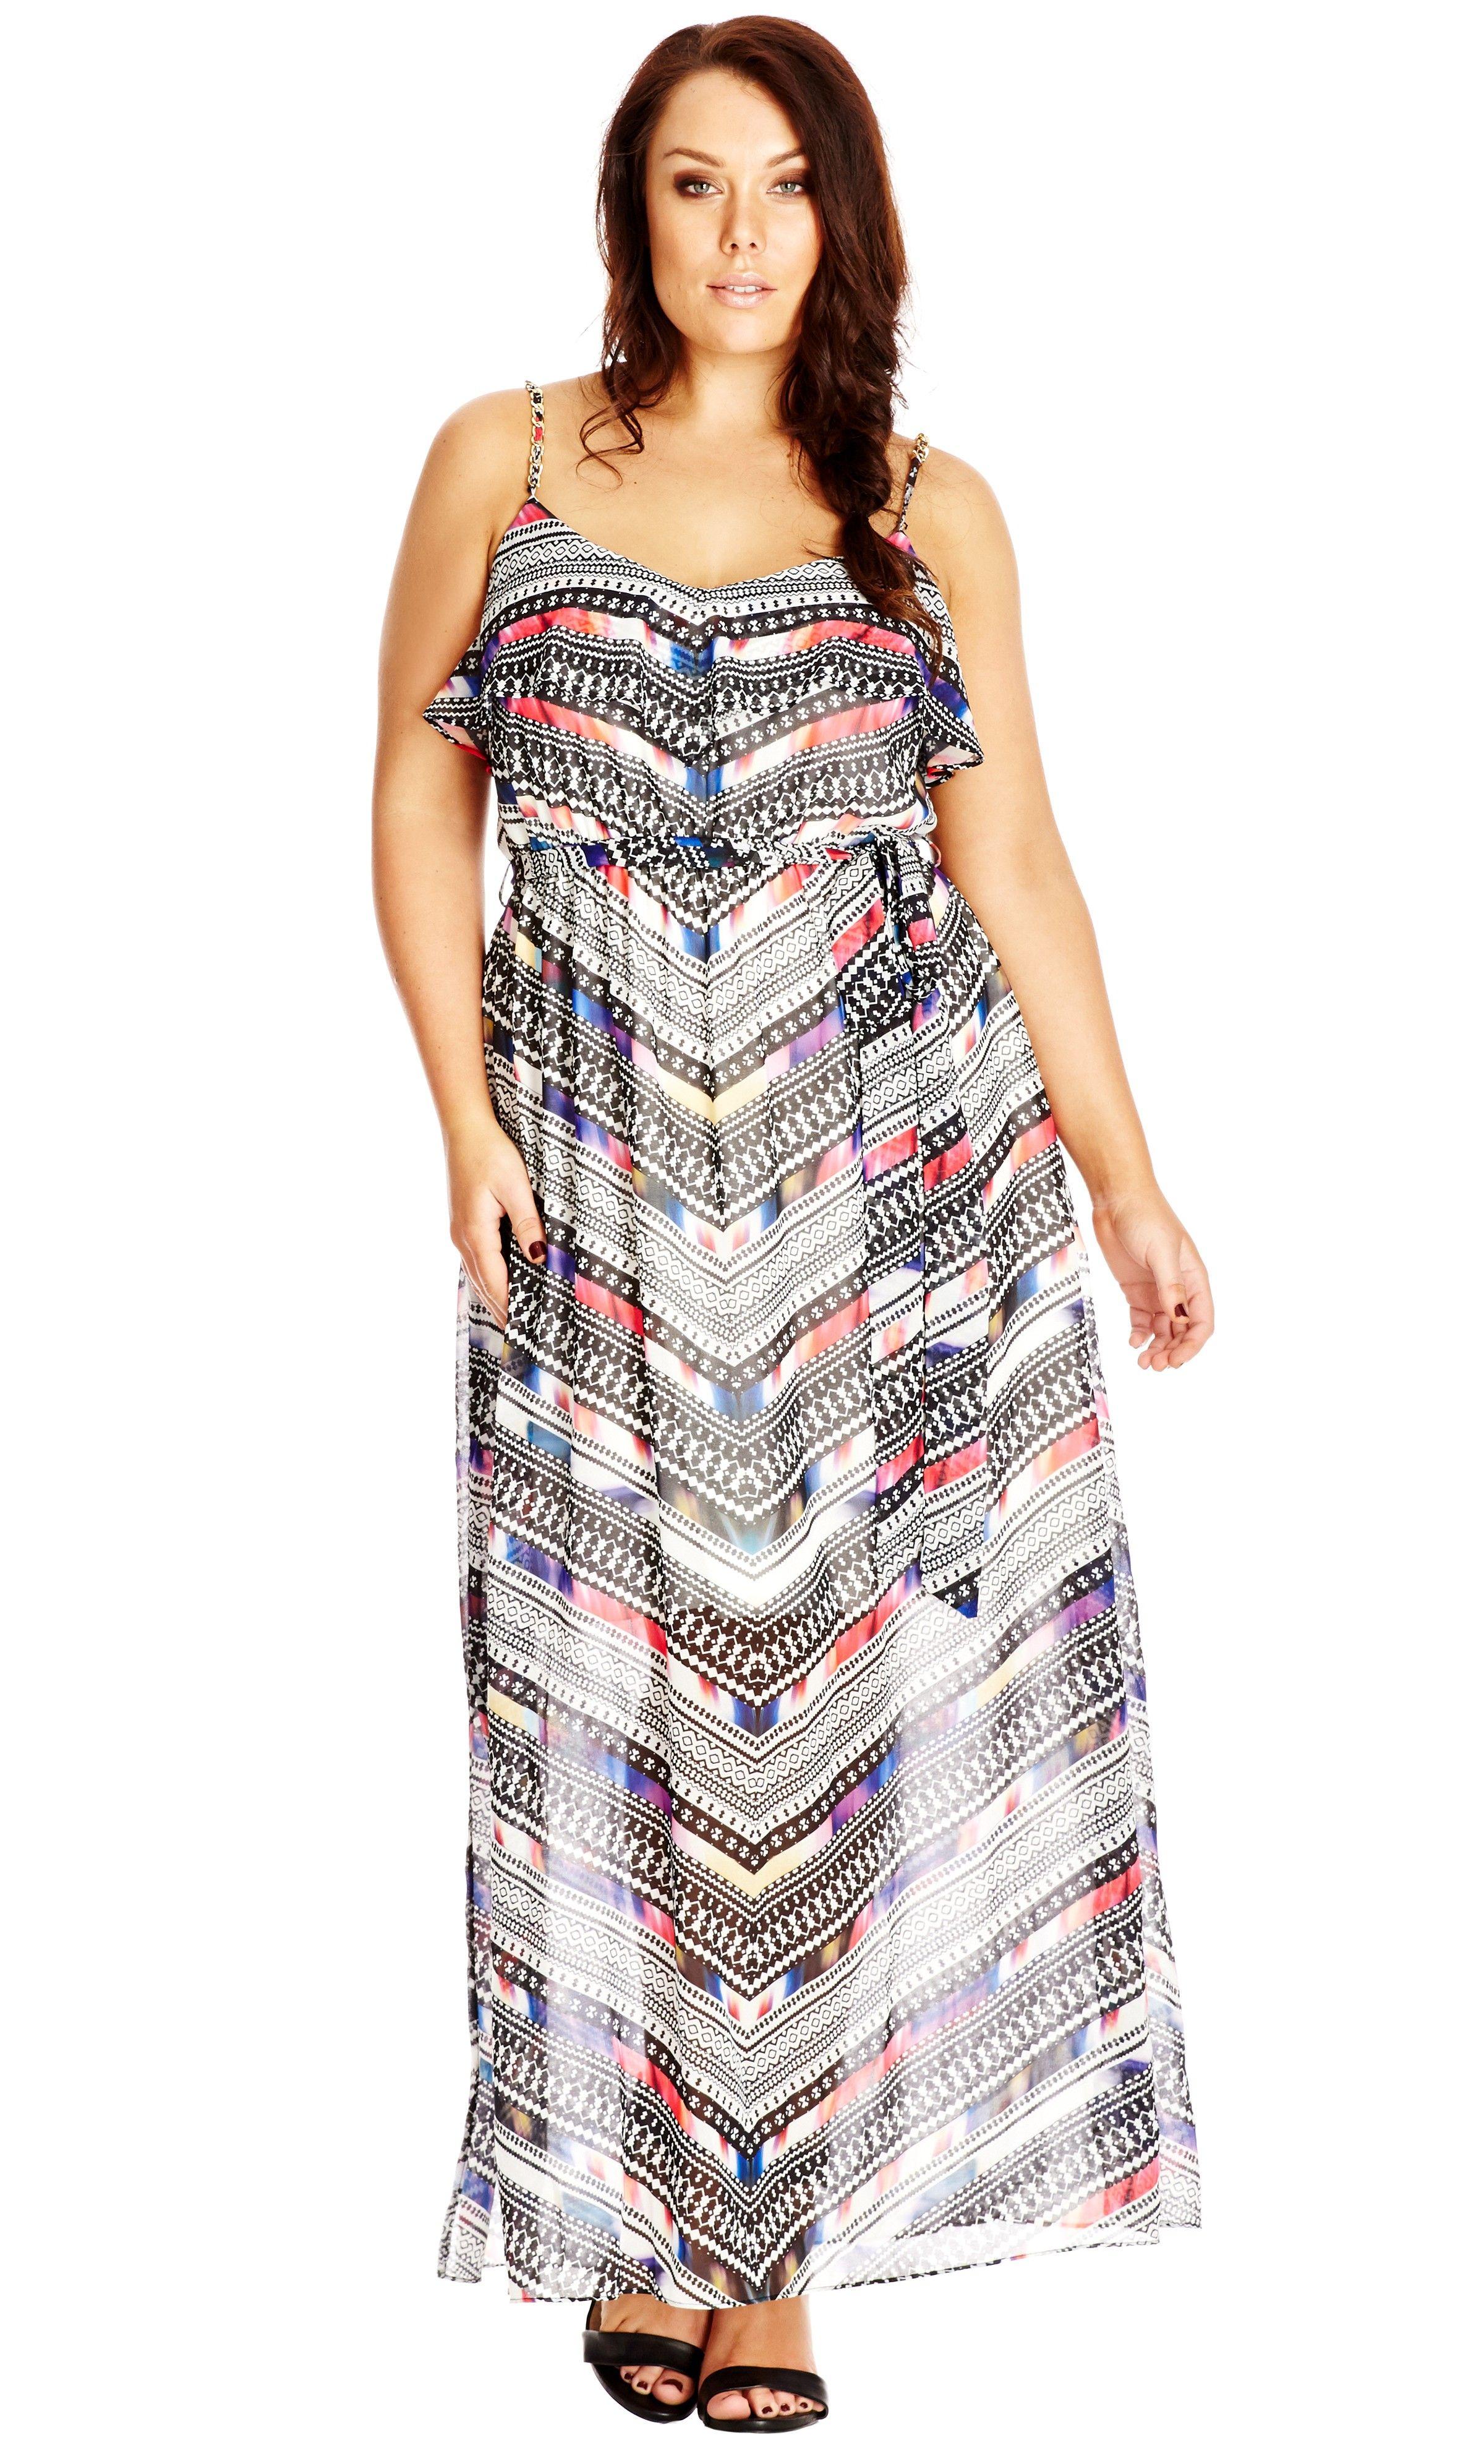 Moroccan dress plus size